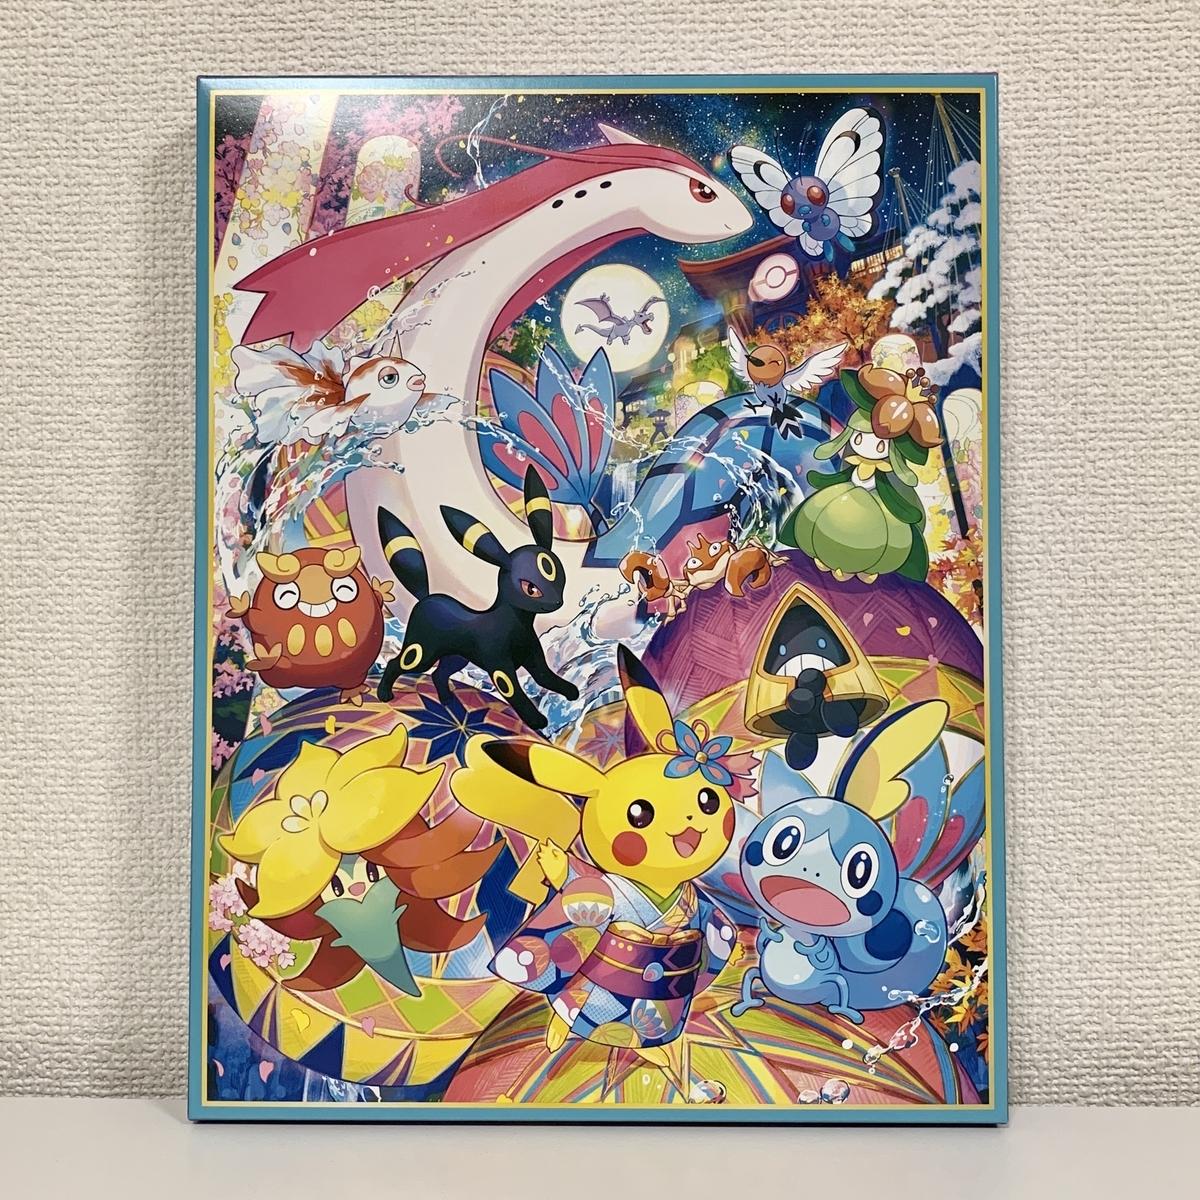 f:id:pikachu_pcn:20201120201850j:plain